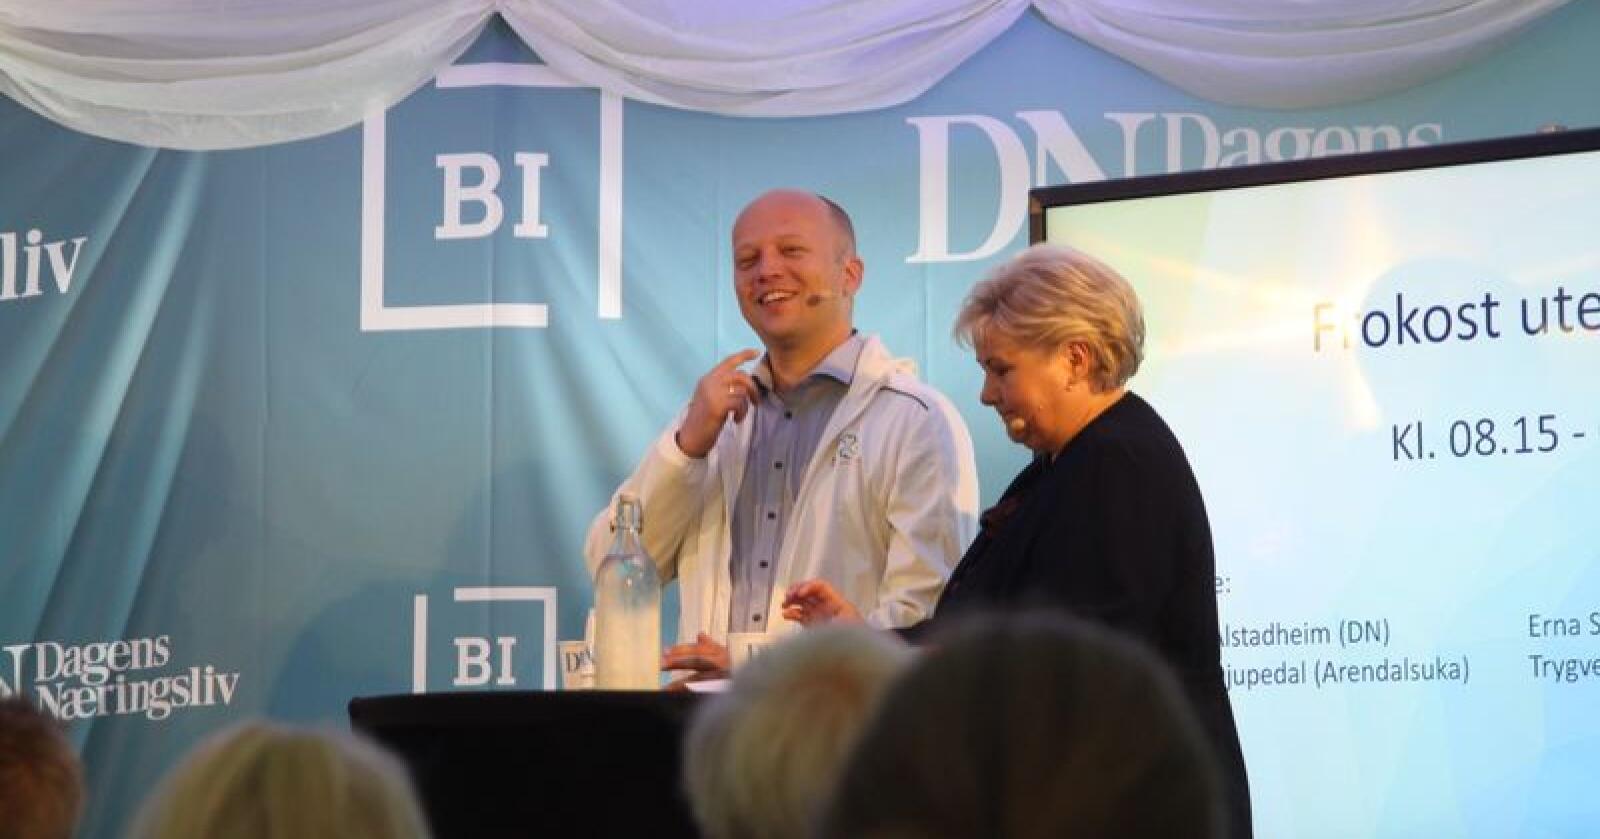 Trygve Slagsvold Vedum og Erna Solberg møttes til debatt i Dagens Næringslivs telt under Arendalsuka tirsdag. Foto: Sivert Rossing